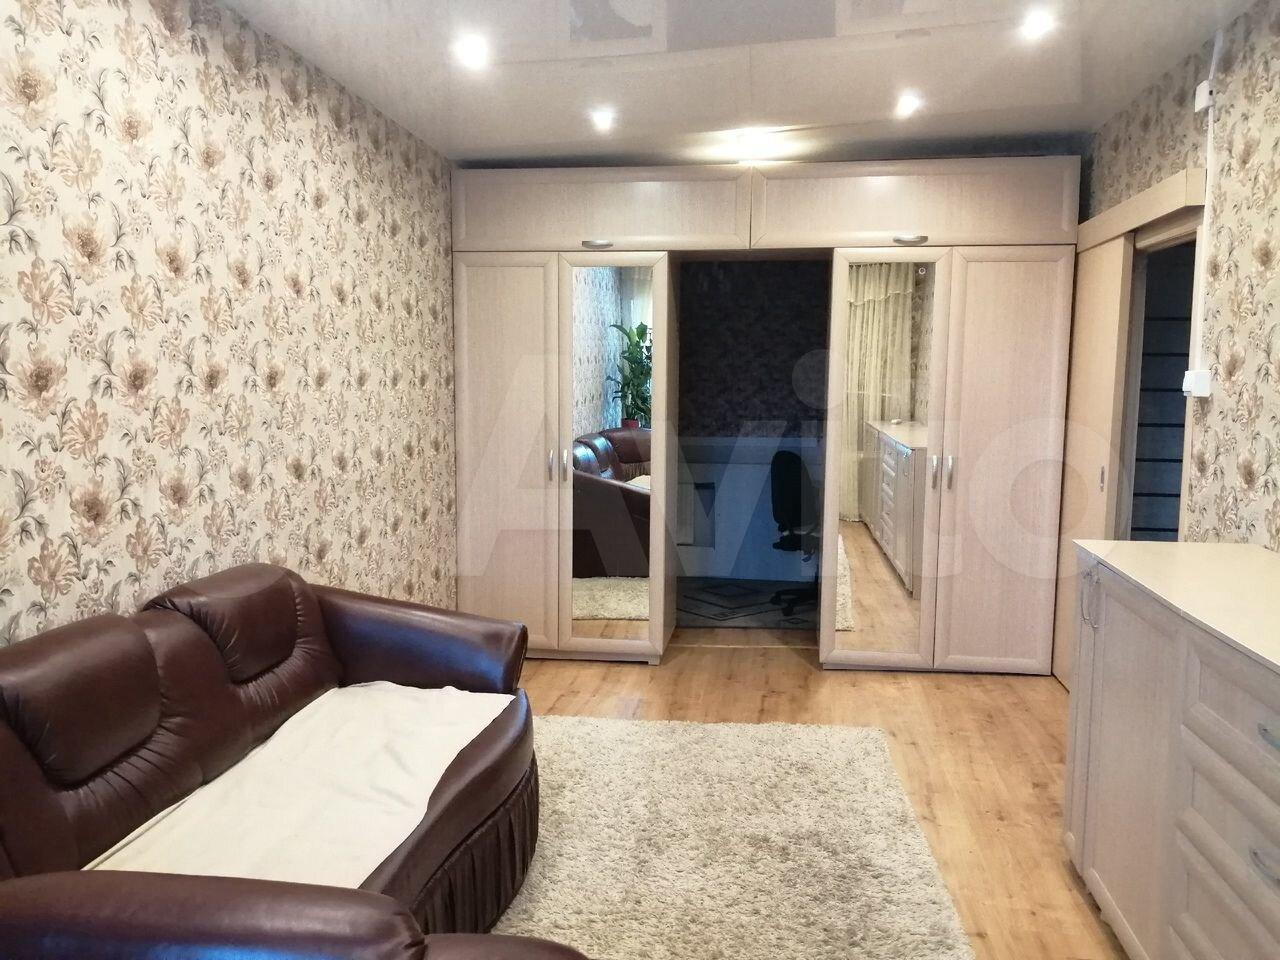 1-к квартира, 36 м², 1/2 эт.  89210126668 купить 1